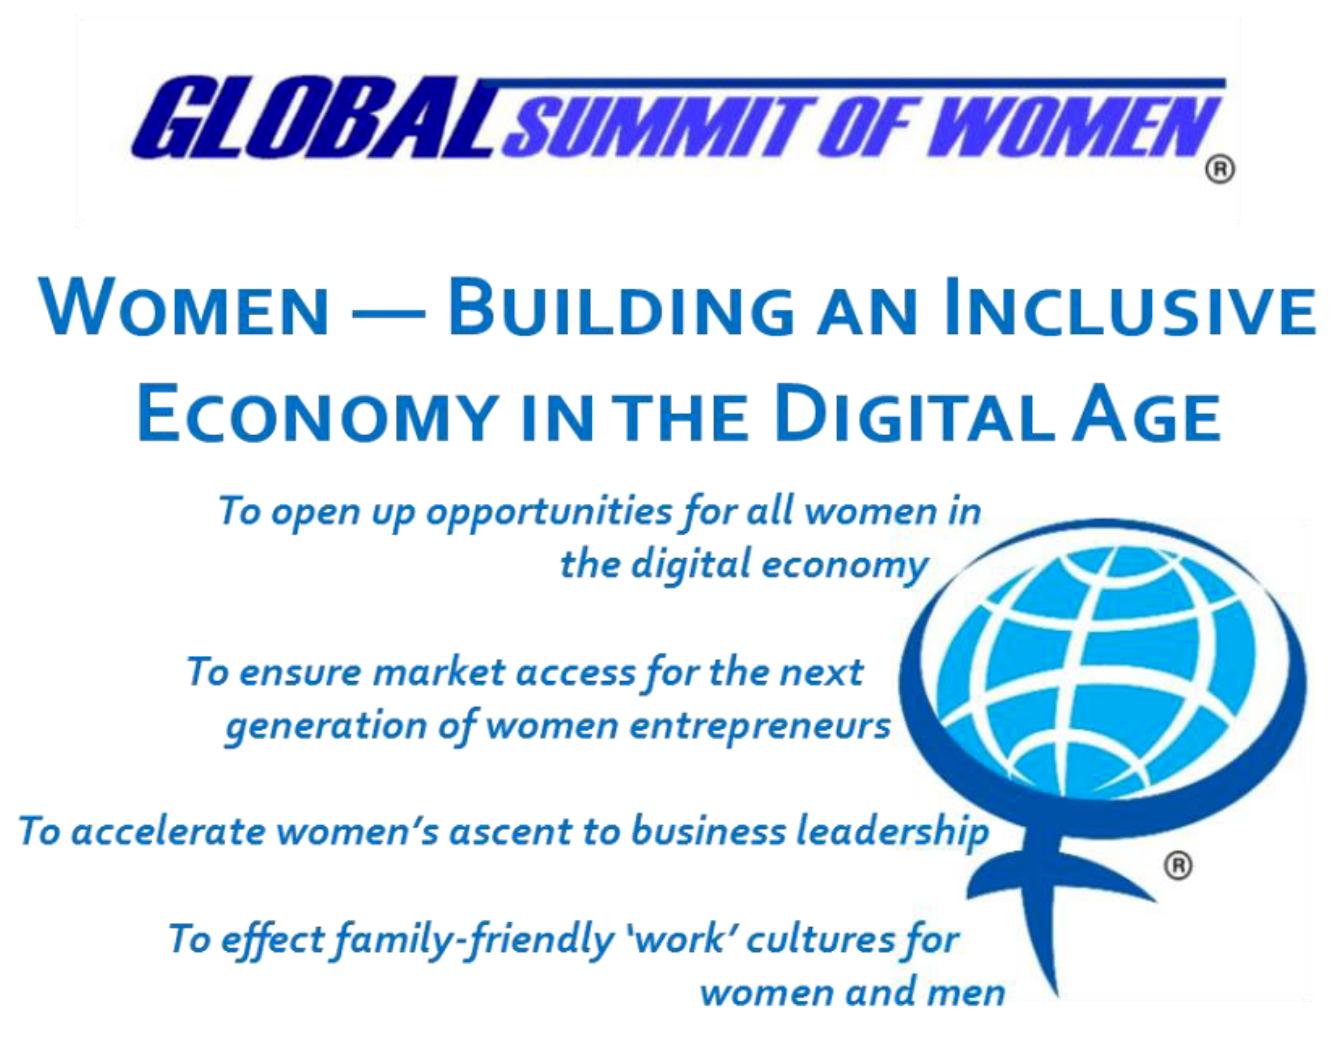 В 2016 году Глобальный Саммит женщин пройдет 9-11 июня в гор. Варшава (Польша)